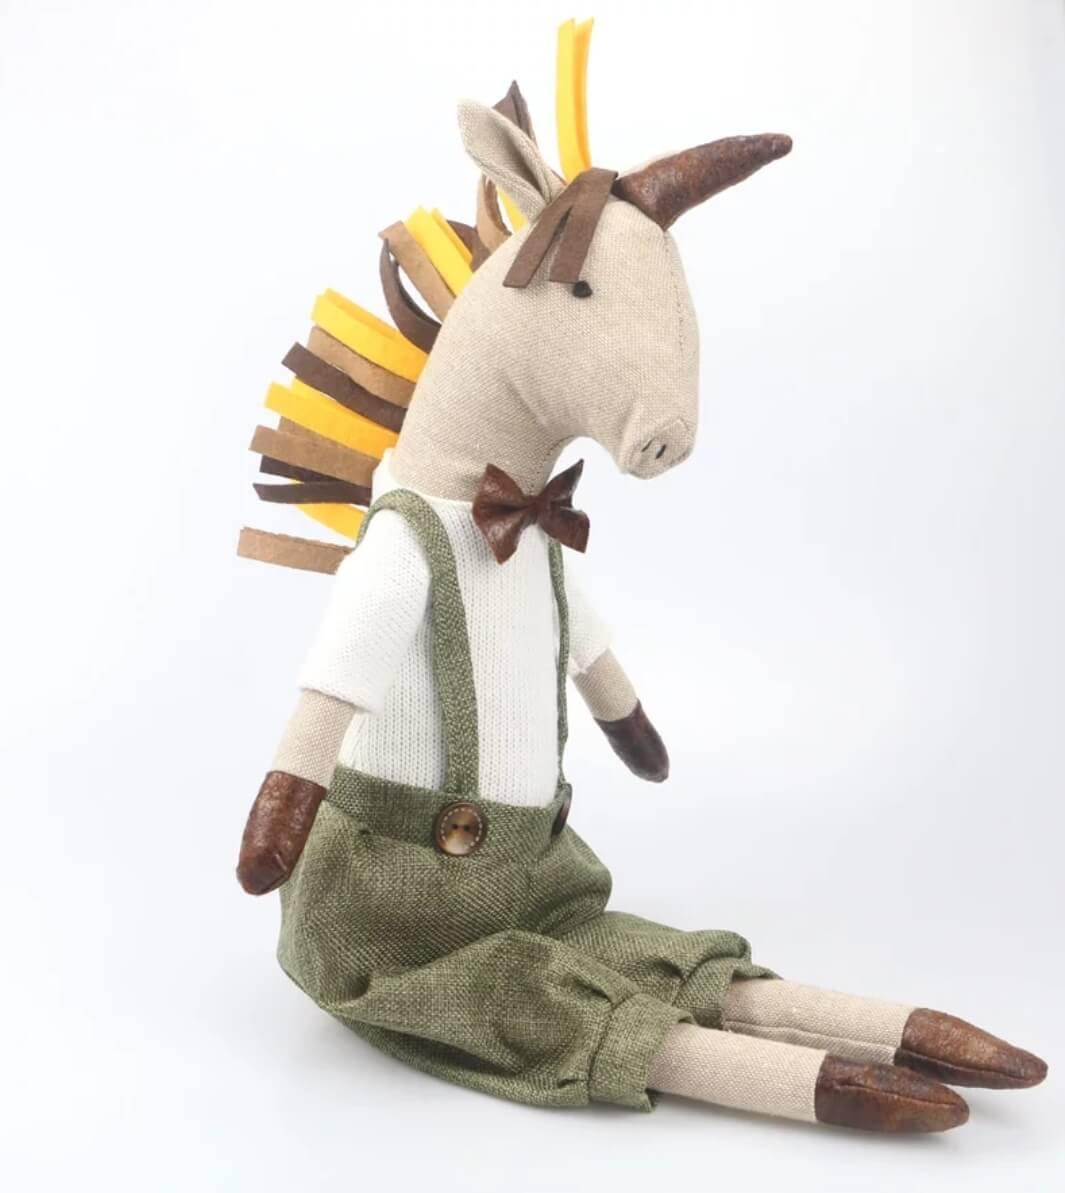 בובה לתינוק בובה לילדים דגם בובת בד חד קרן אקססוריז עיצוב חדר ילדים